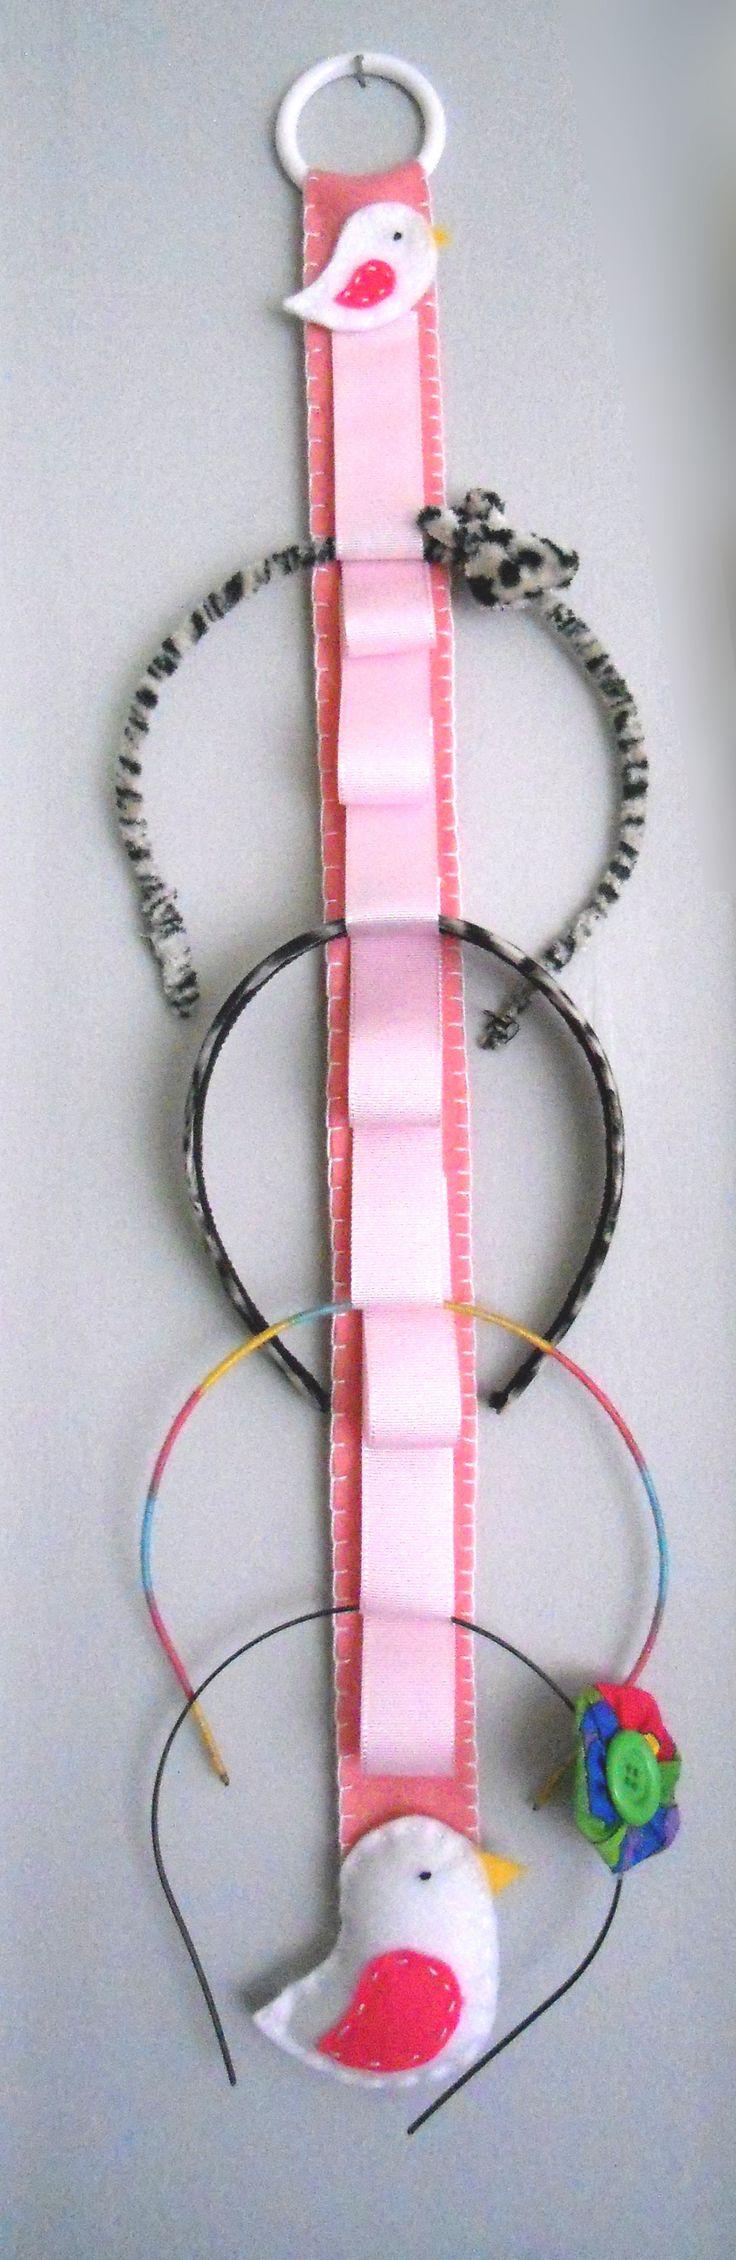 Organizador de tiaras / Hair bow holder